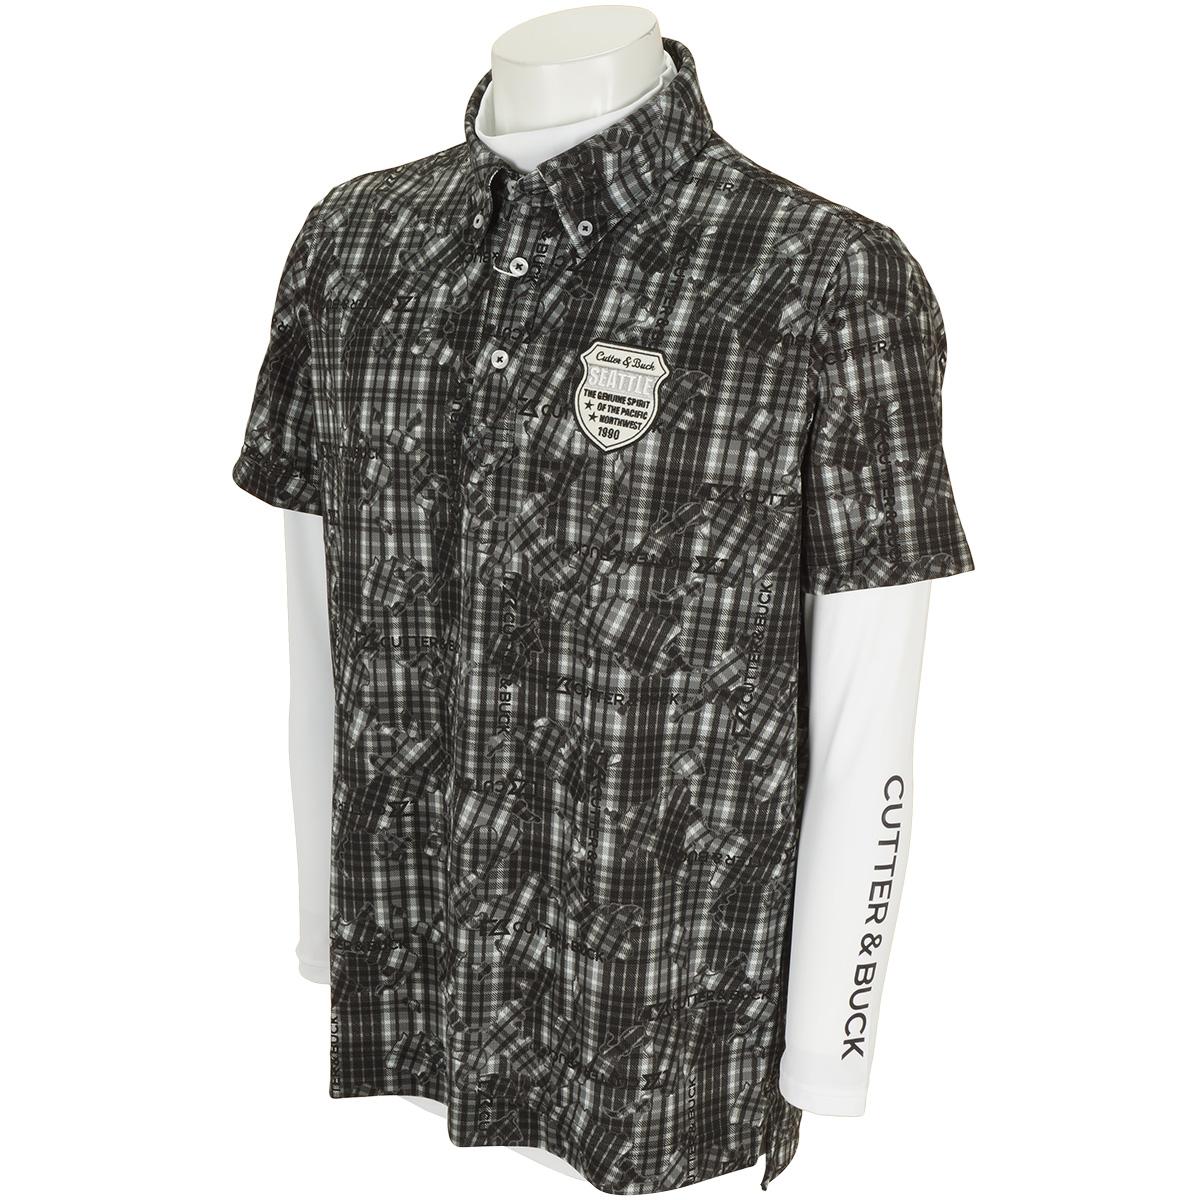 長袖インナーシャツ付き 半袖ニットボタンダウンポロシャツ